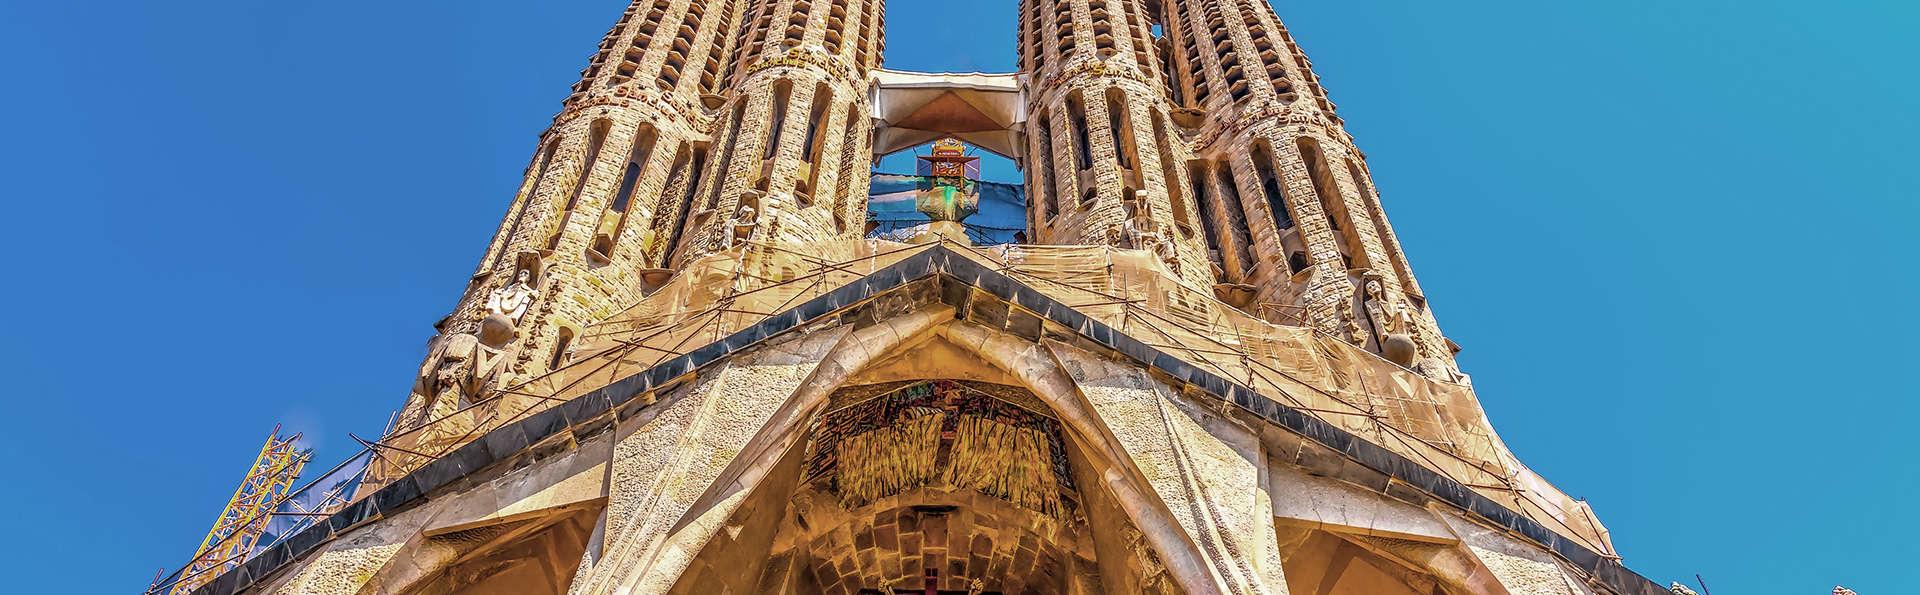 Week end barcelone avec 1 billet coupe file pour la sagrada familia pour 2 adultes partir de 201 - Billet coupe file sagrada familia ...